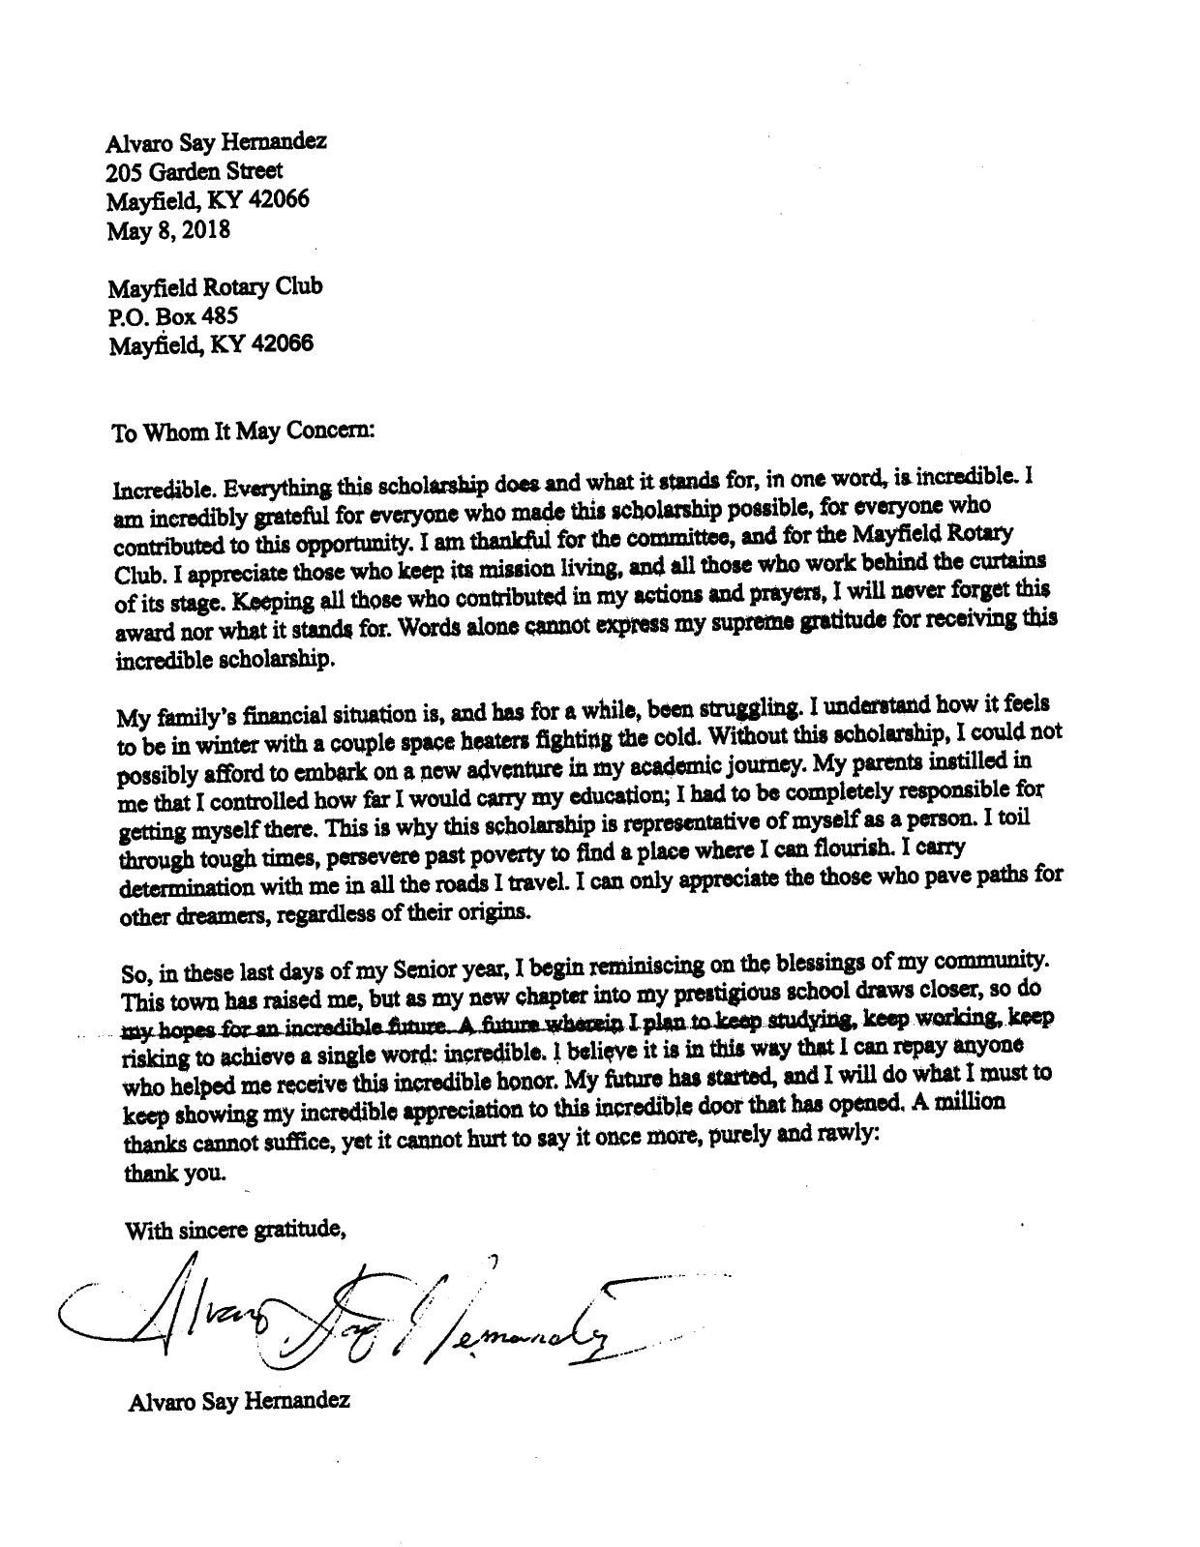 Alvaro Thank you Letter10142019